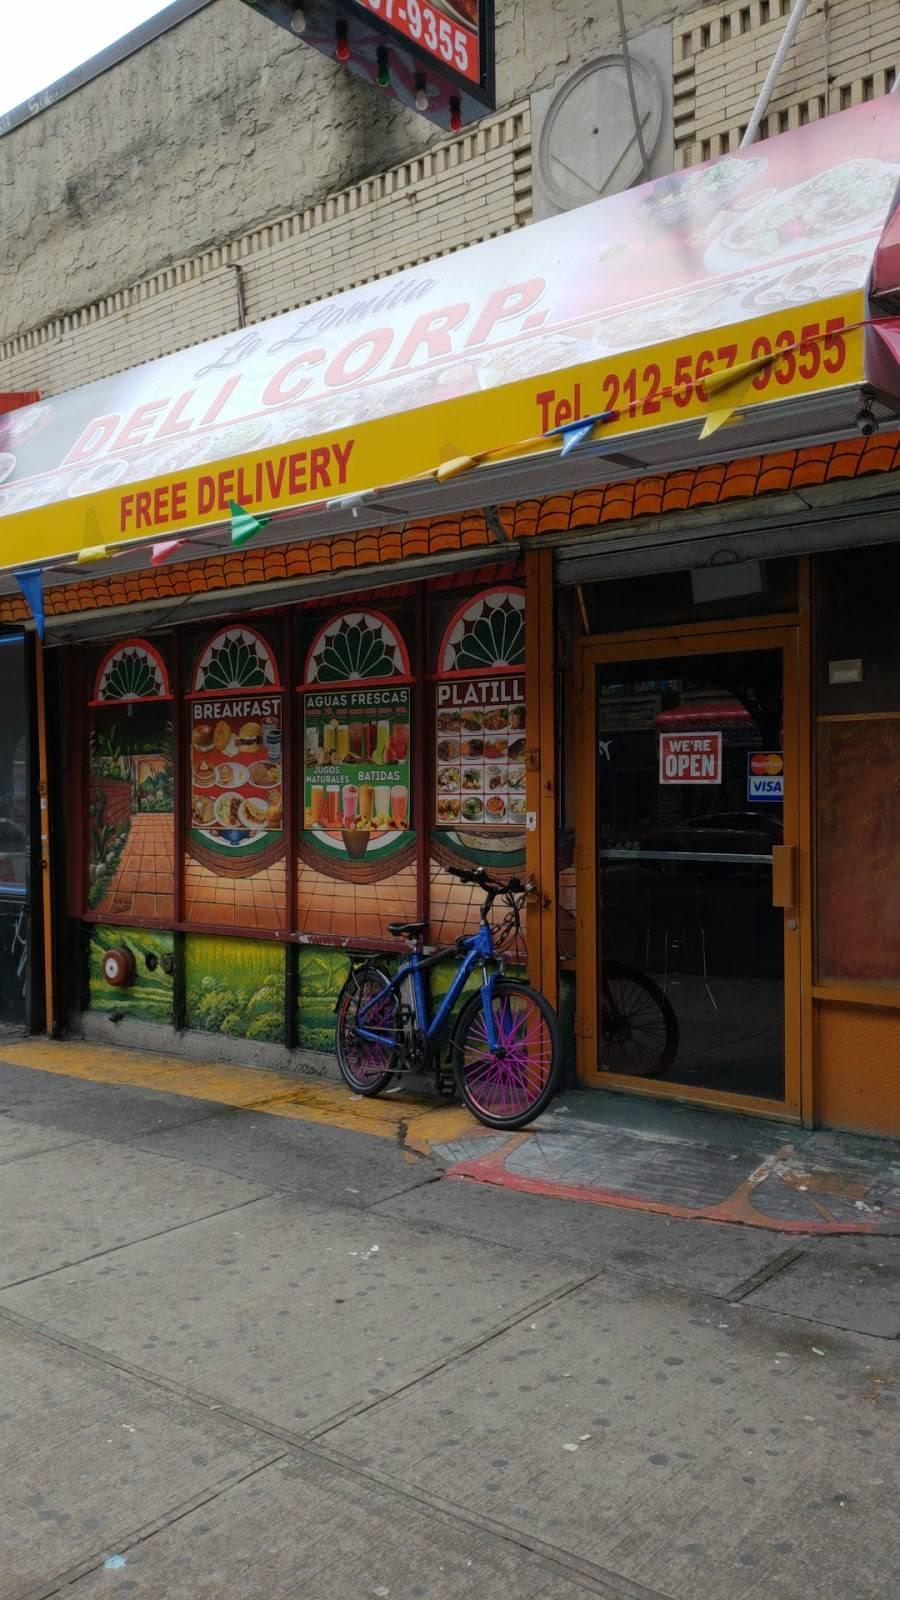 La Lomita | restaurant | 3868 10th Ave, New York, NY 10034, USA | 2125679355 OR +1 212-567-9355